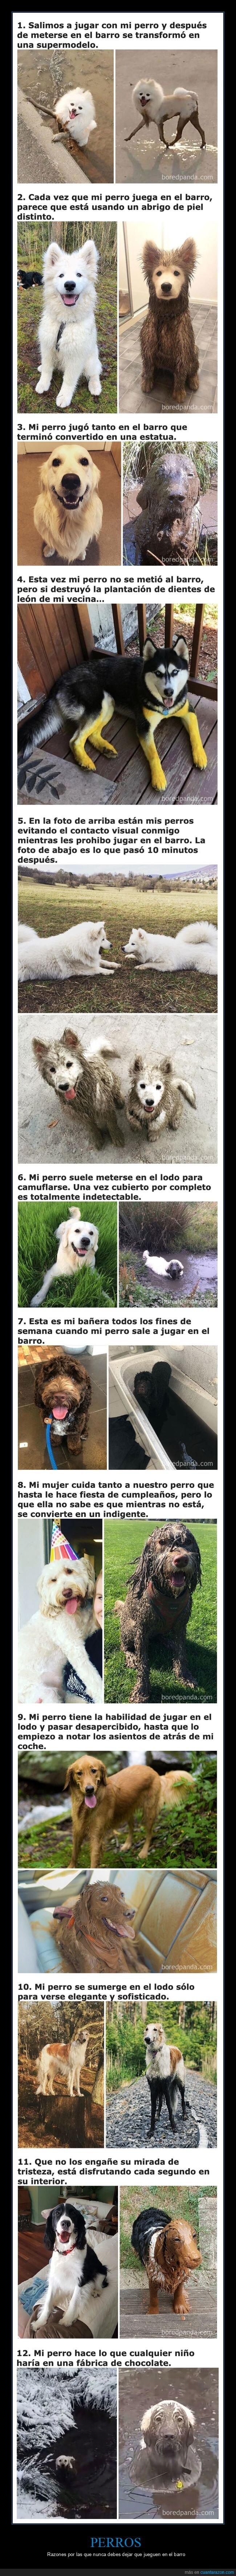 barro,jugar,perros